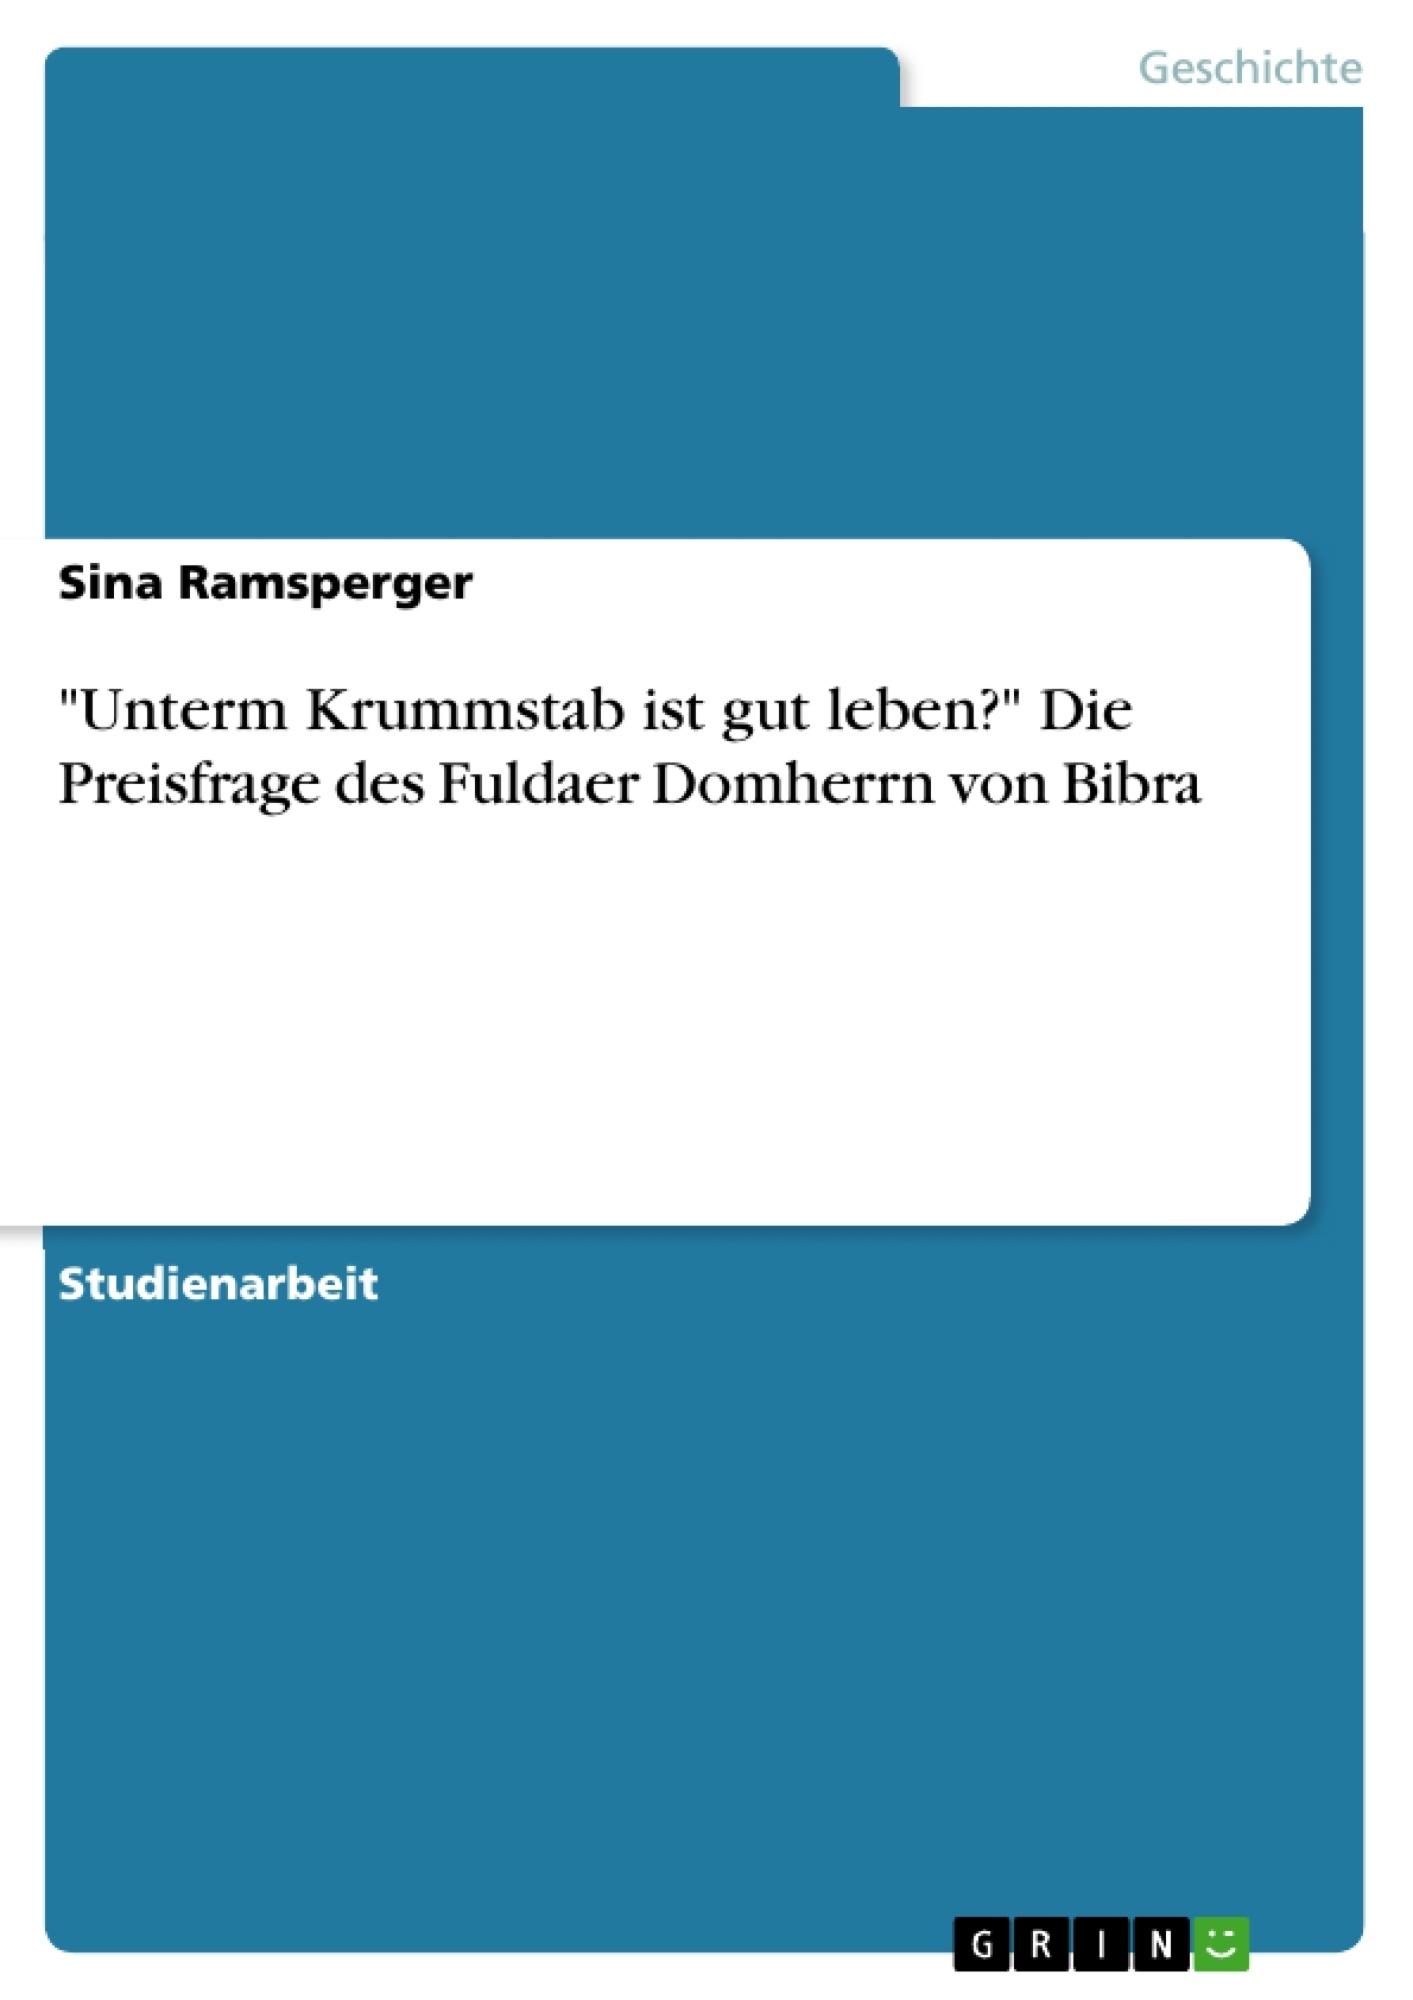 """Titel: """"Unterm Krummstab ist gut leben?"""" Die Preisfrage des Fuldaer Domherrn von Bibra"""